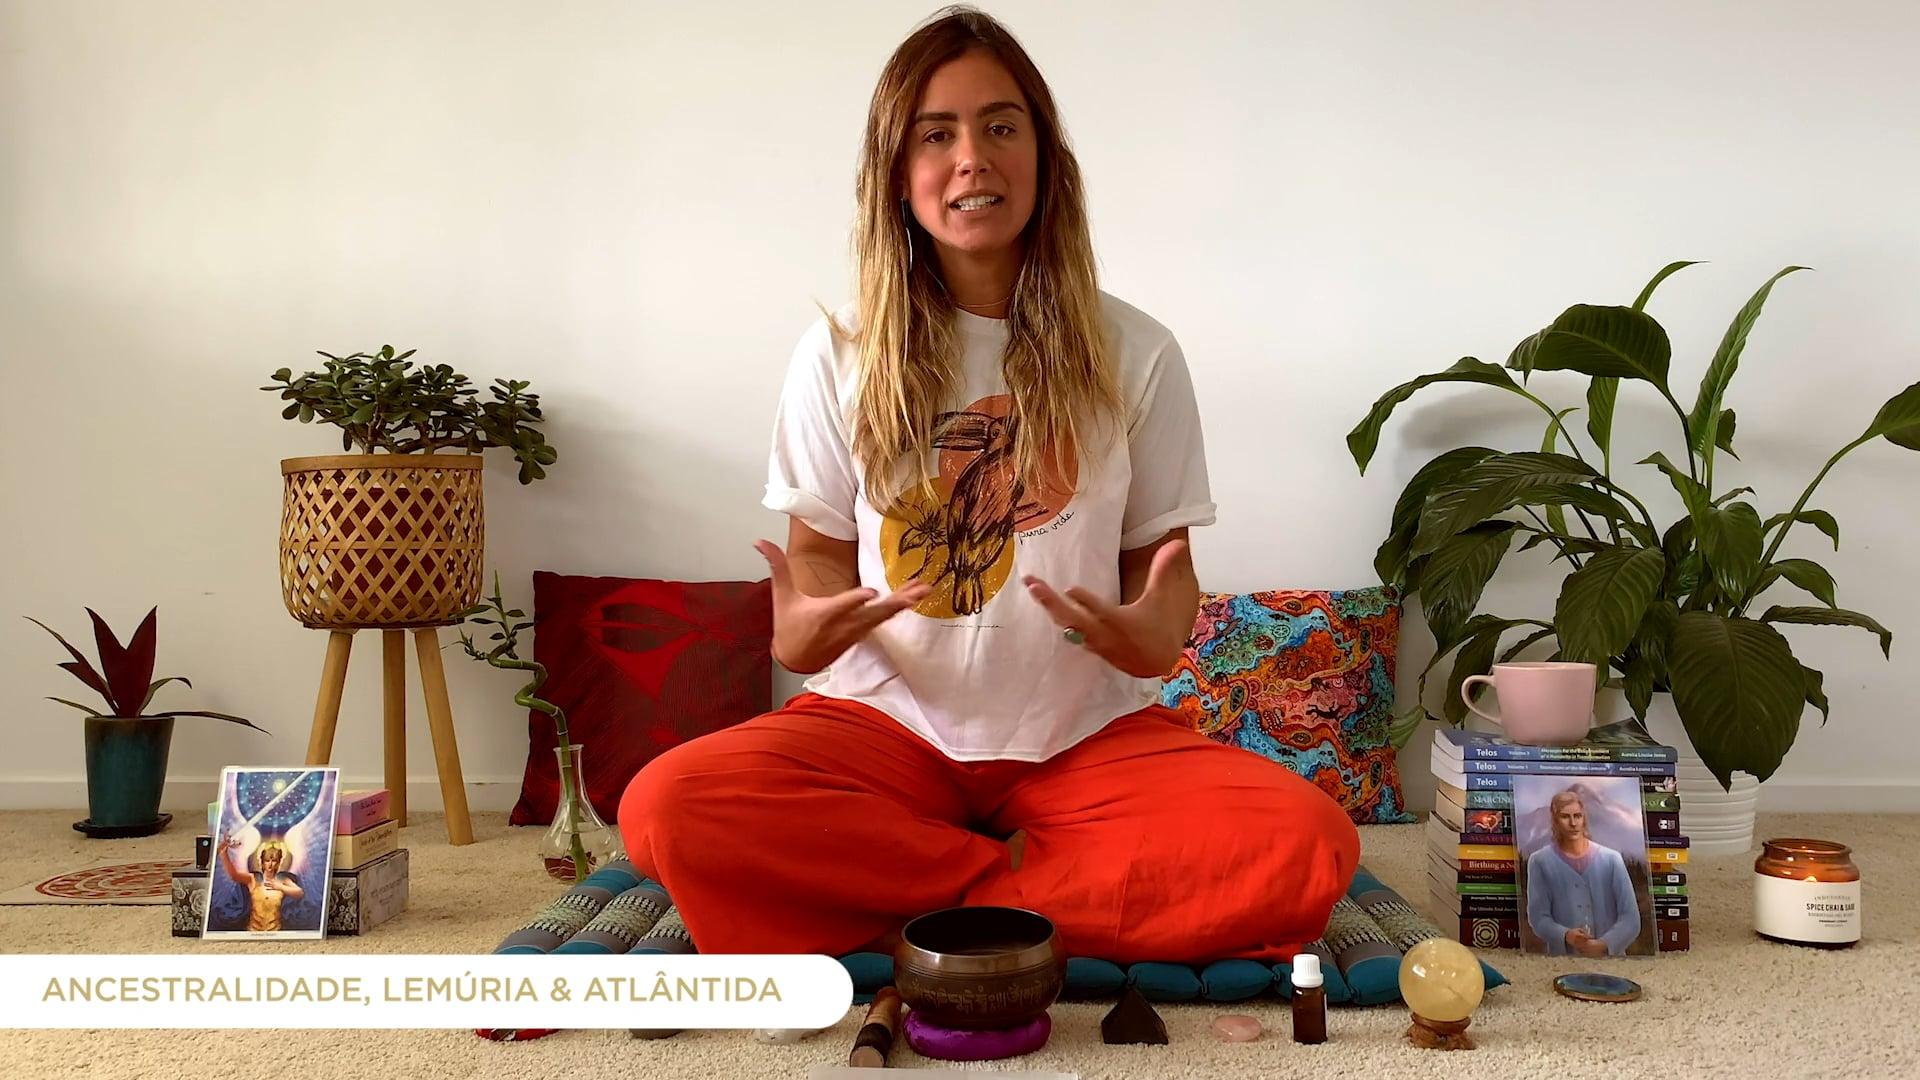 AULA 2 - Video Introdutório sobre Lemuria e Atlantis